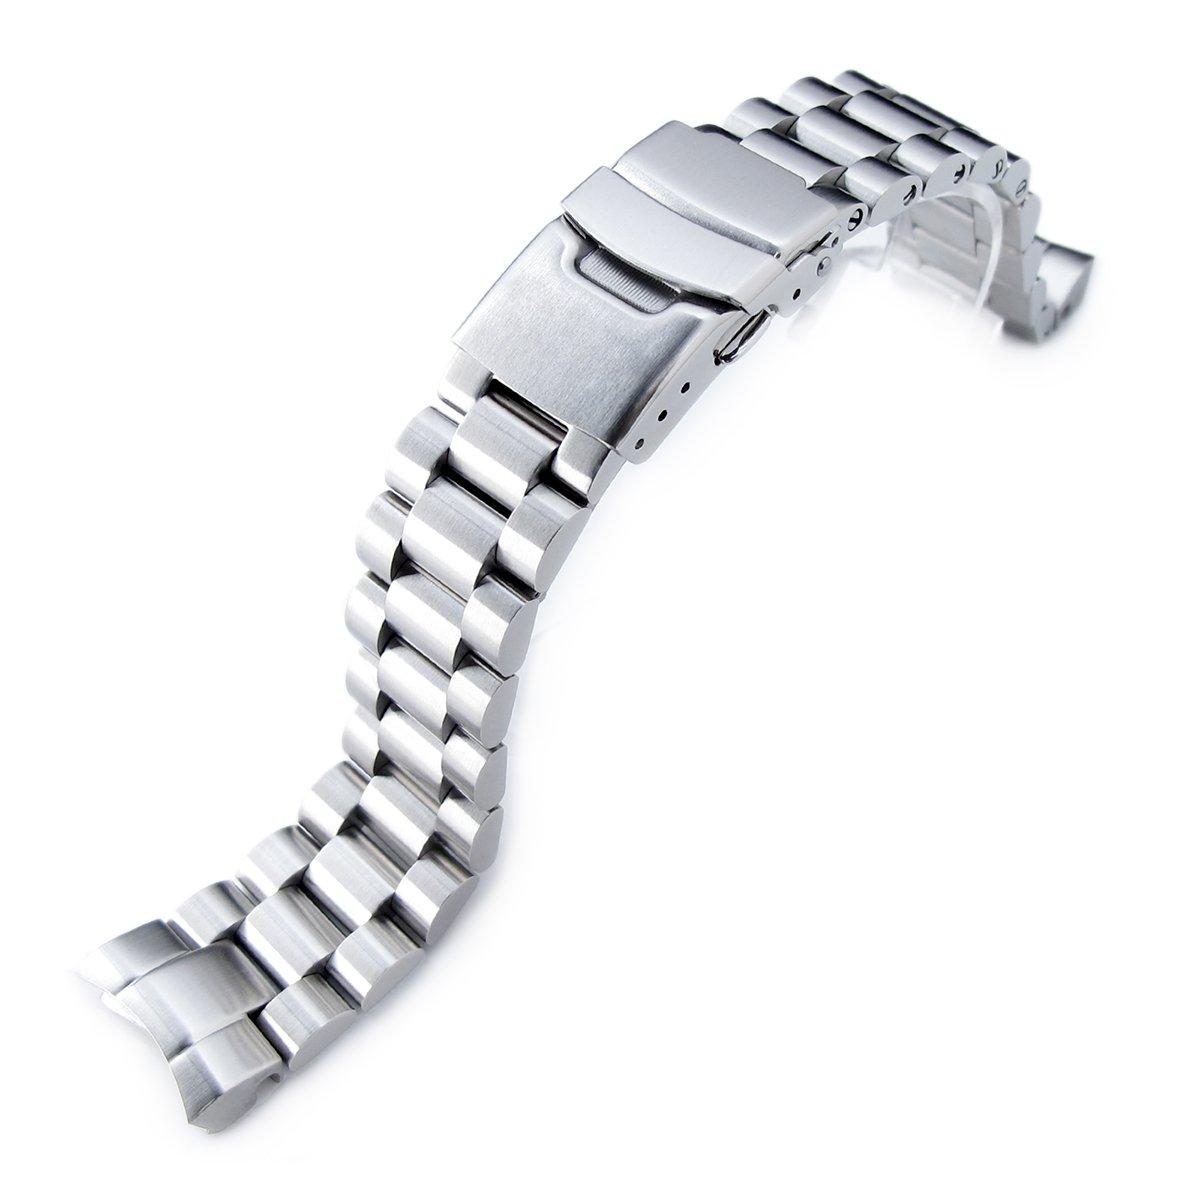 20mm Endmill watch bracelet for SEIKO Sumo SBDC001 SBDC003 SBDC005 SBDC031 SBDC033